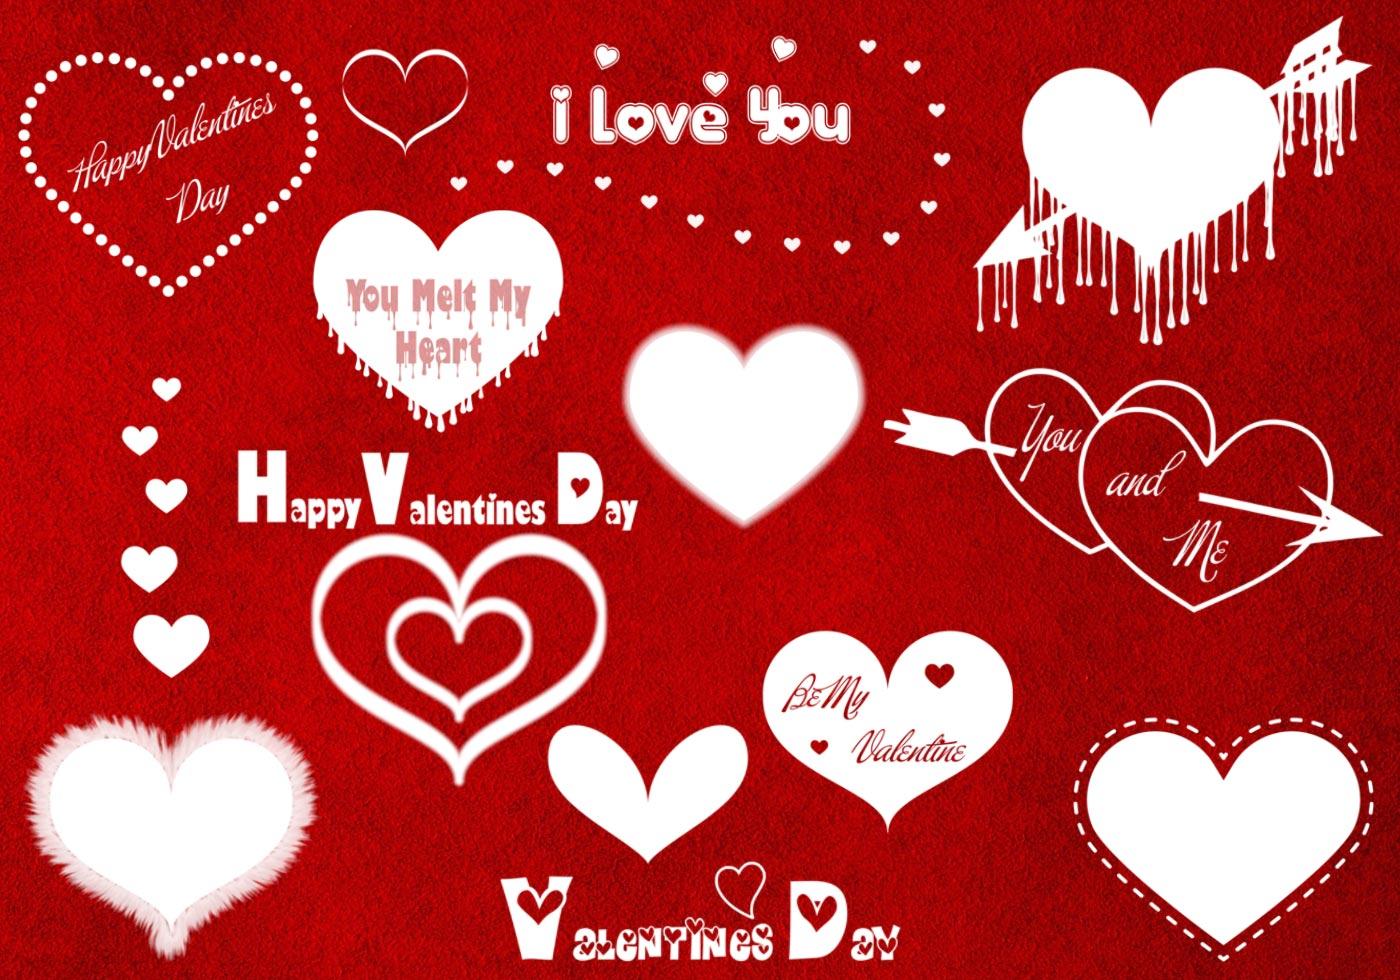 Valentines Day: Free Photoshop Brushes At Brusheezy